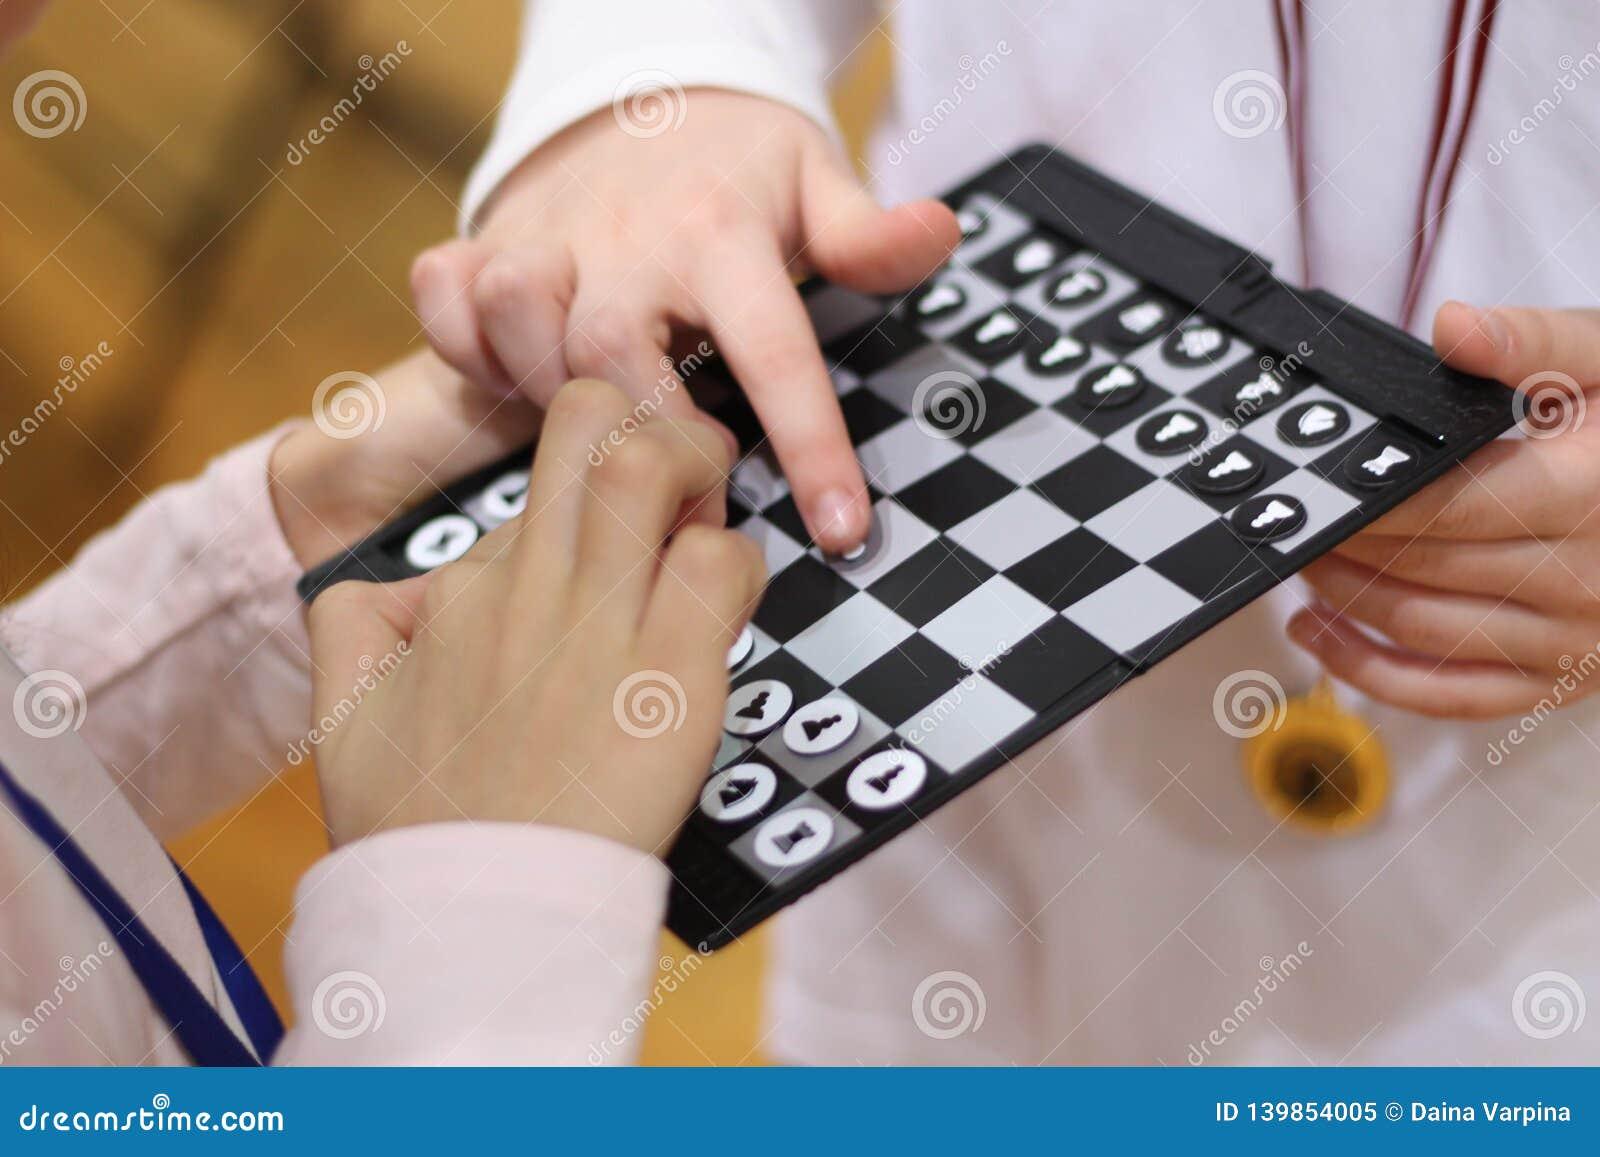 Dzieci szachów grać Sztuka, i uczy się zabawę z najnowocześniejszą szachową grze zespół razem Rzuca wyzwanie przyjaciela Uczy się